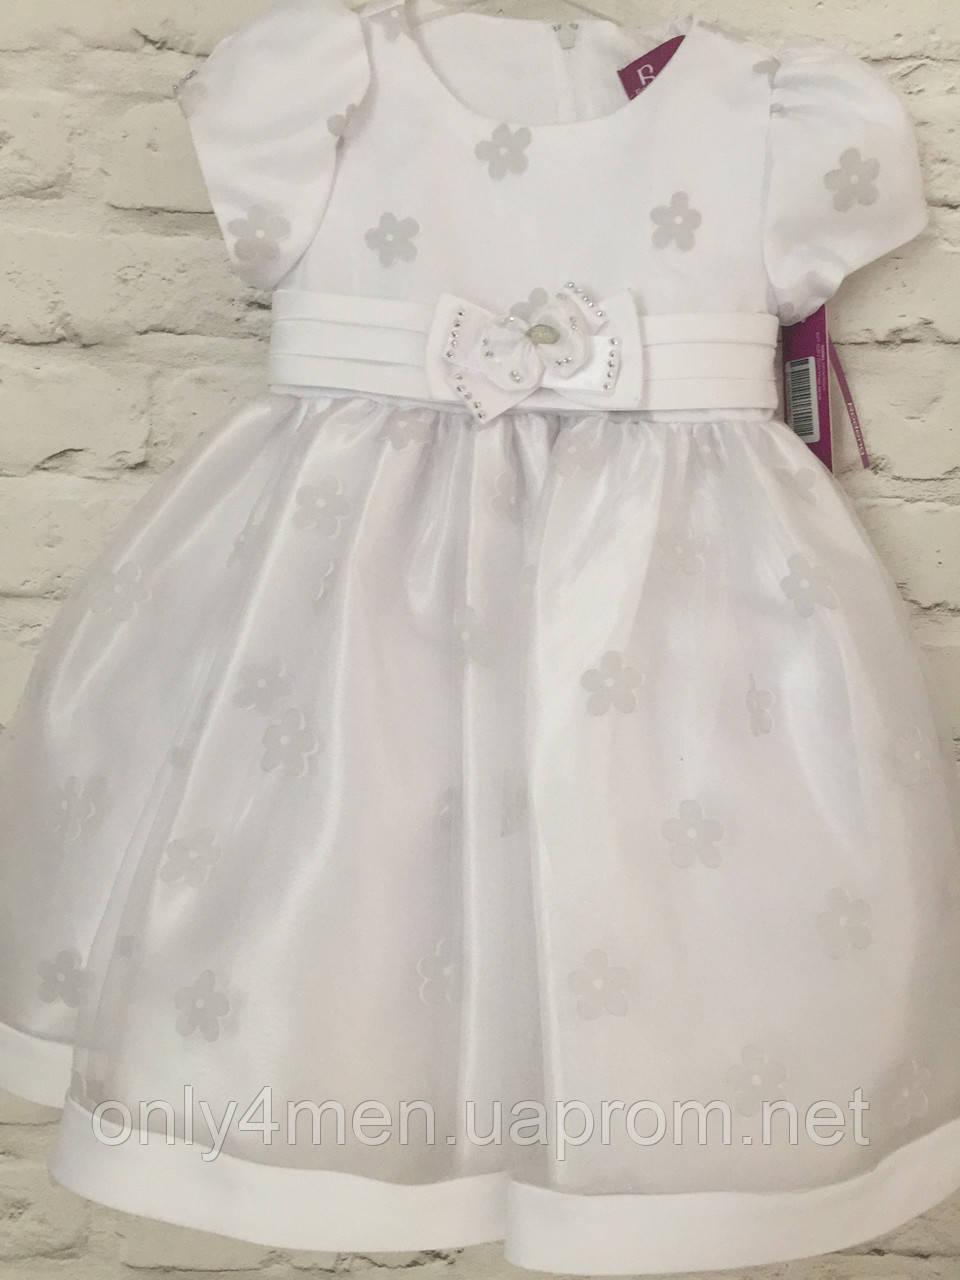 Гарне плаття для дівчаток 1-5 років